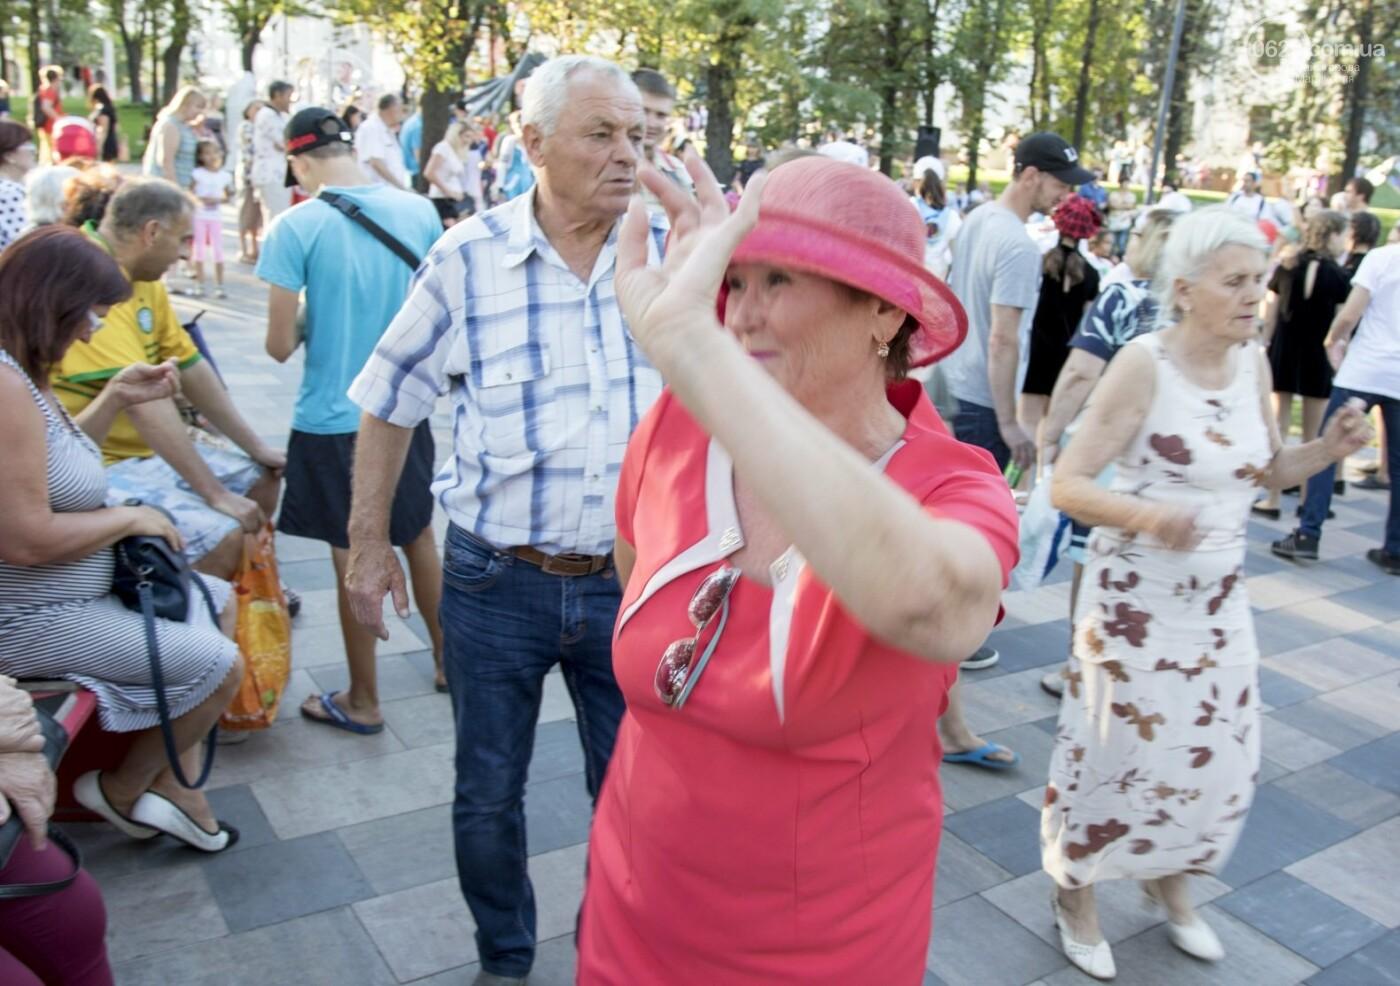 С Аленом Делоном в обнимку. 16 захватывающих фотографий со Дня Франции в Мариуполе, - ФОТОРЕПОРТАЖ, фото-5